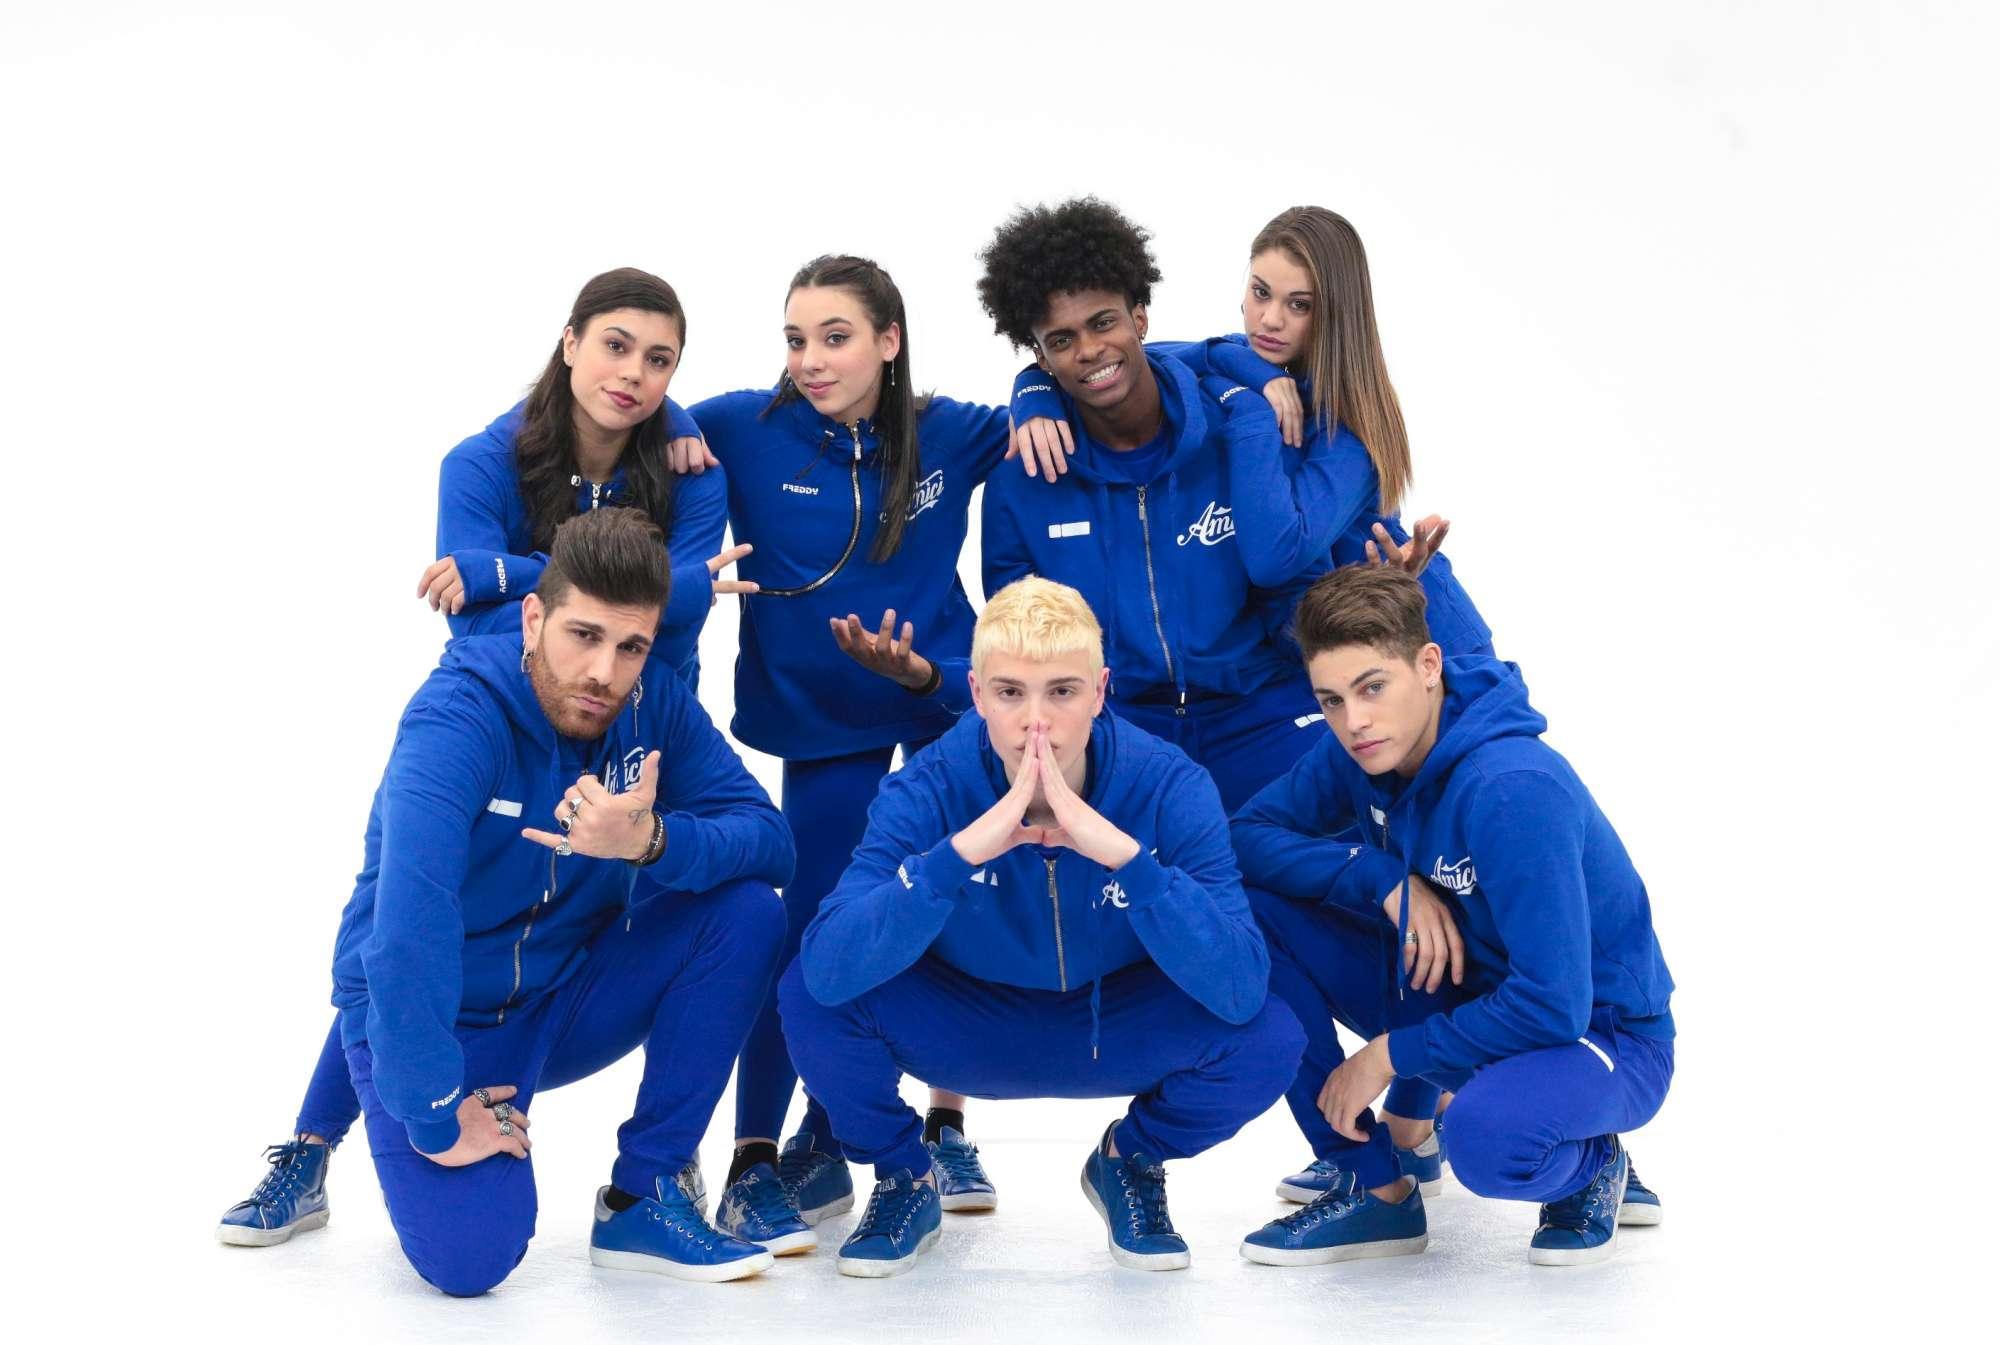 Amici , i concorrenti finalisti: bianchi contro blu